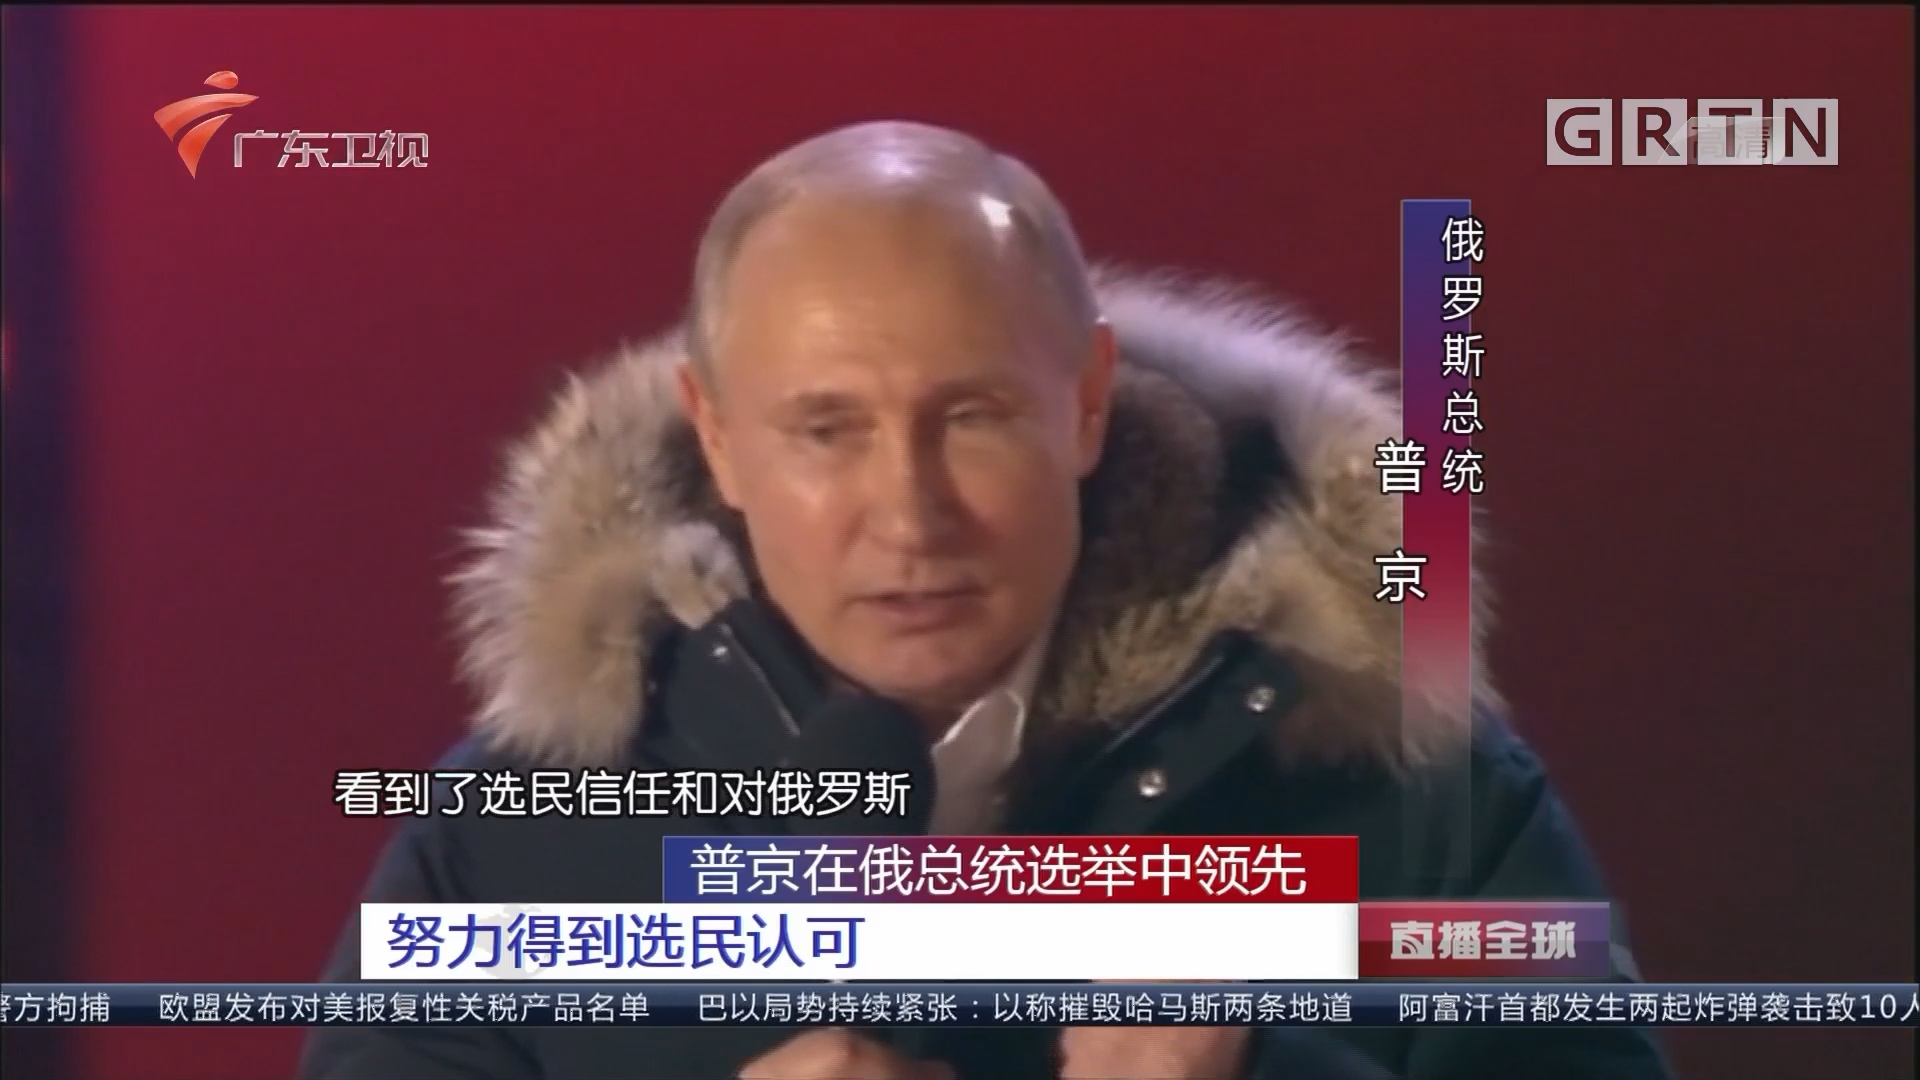 普京在俄总统选举中领先 努力得到选民认可